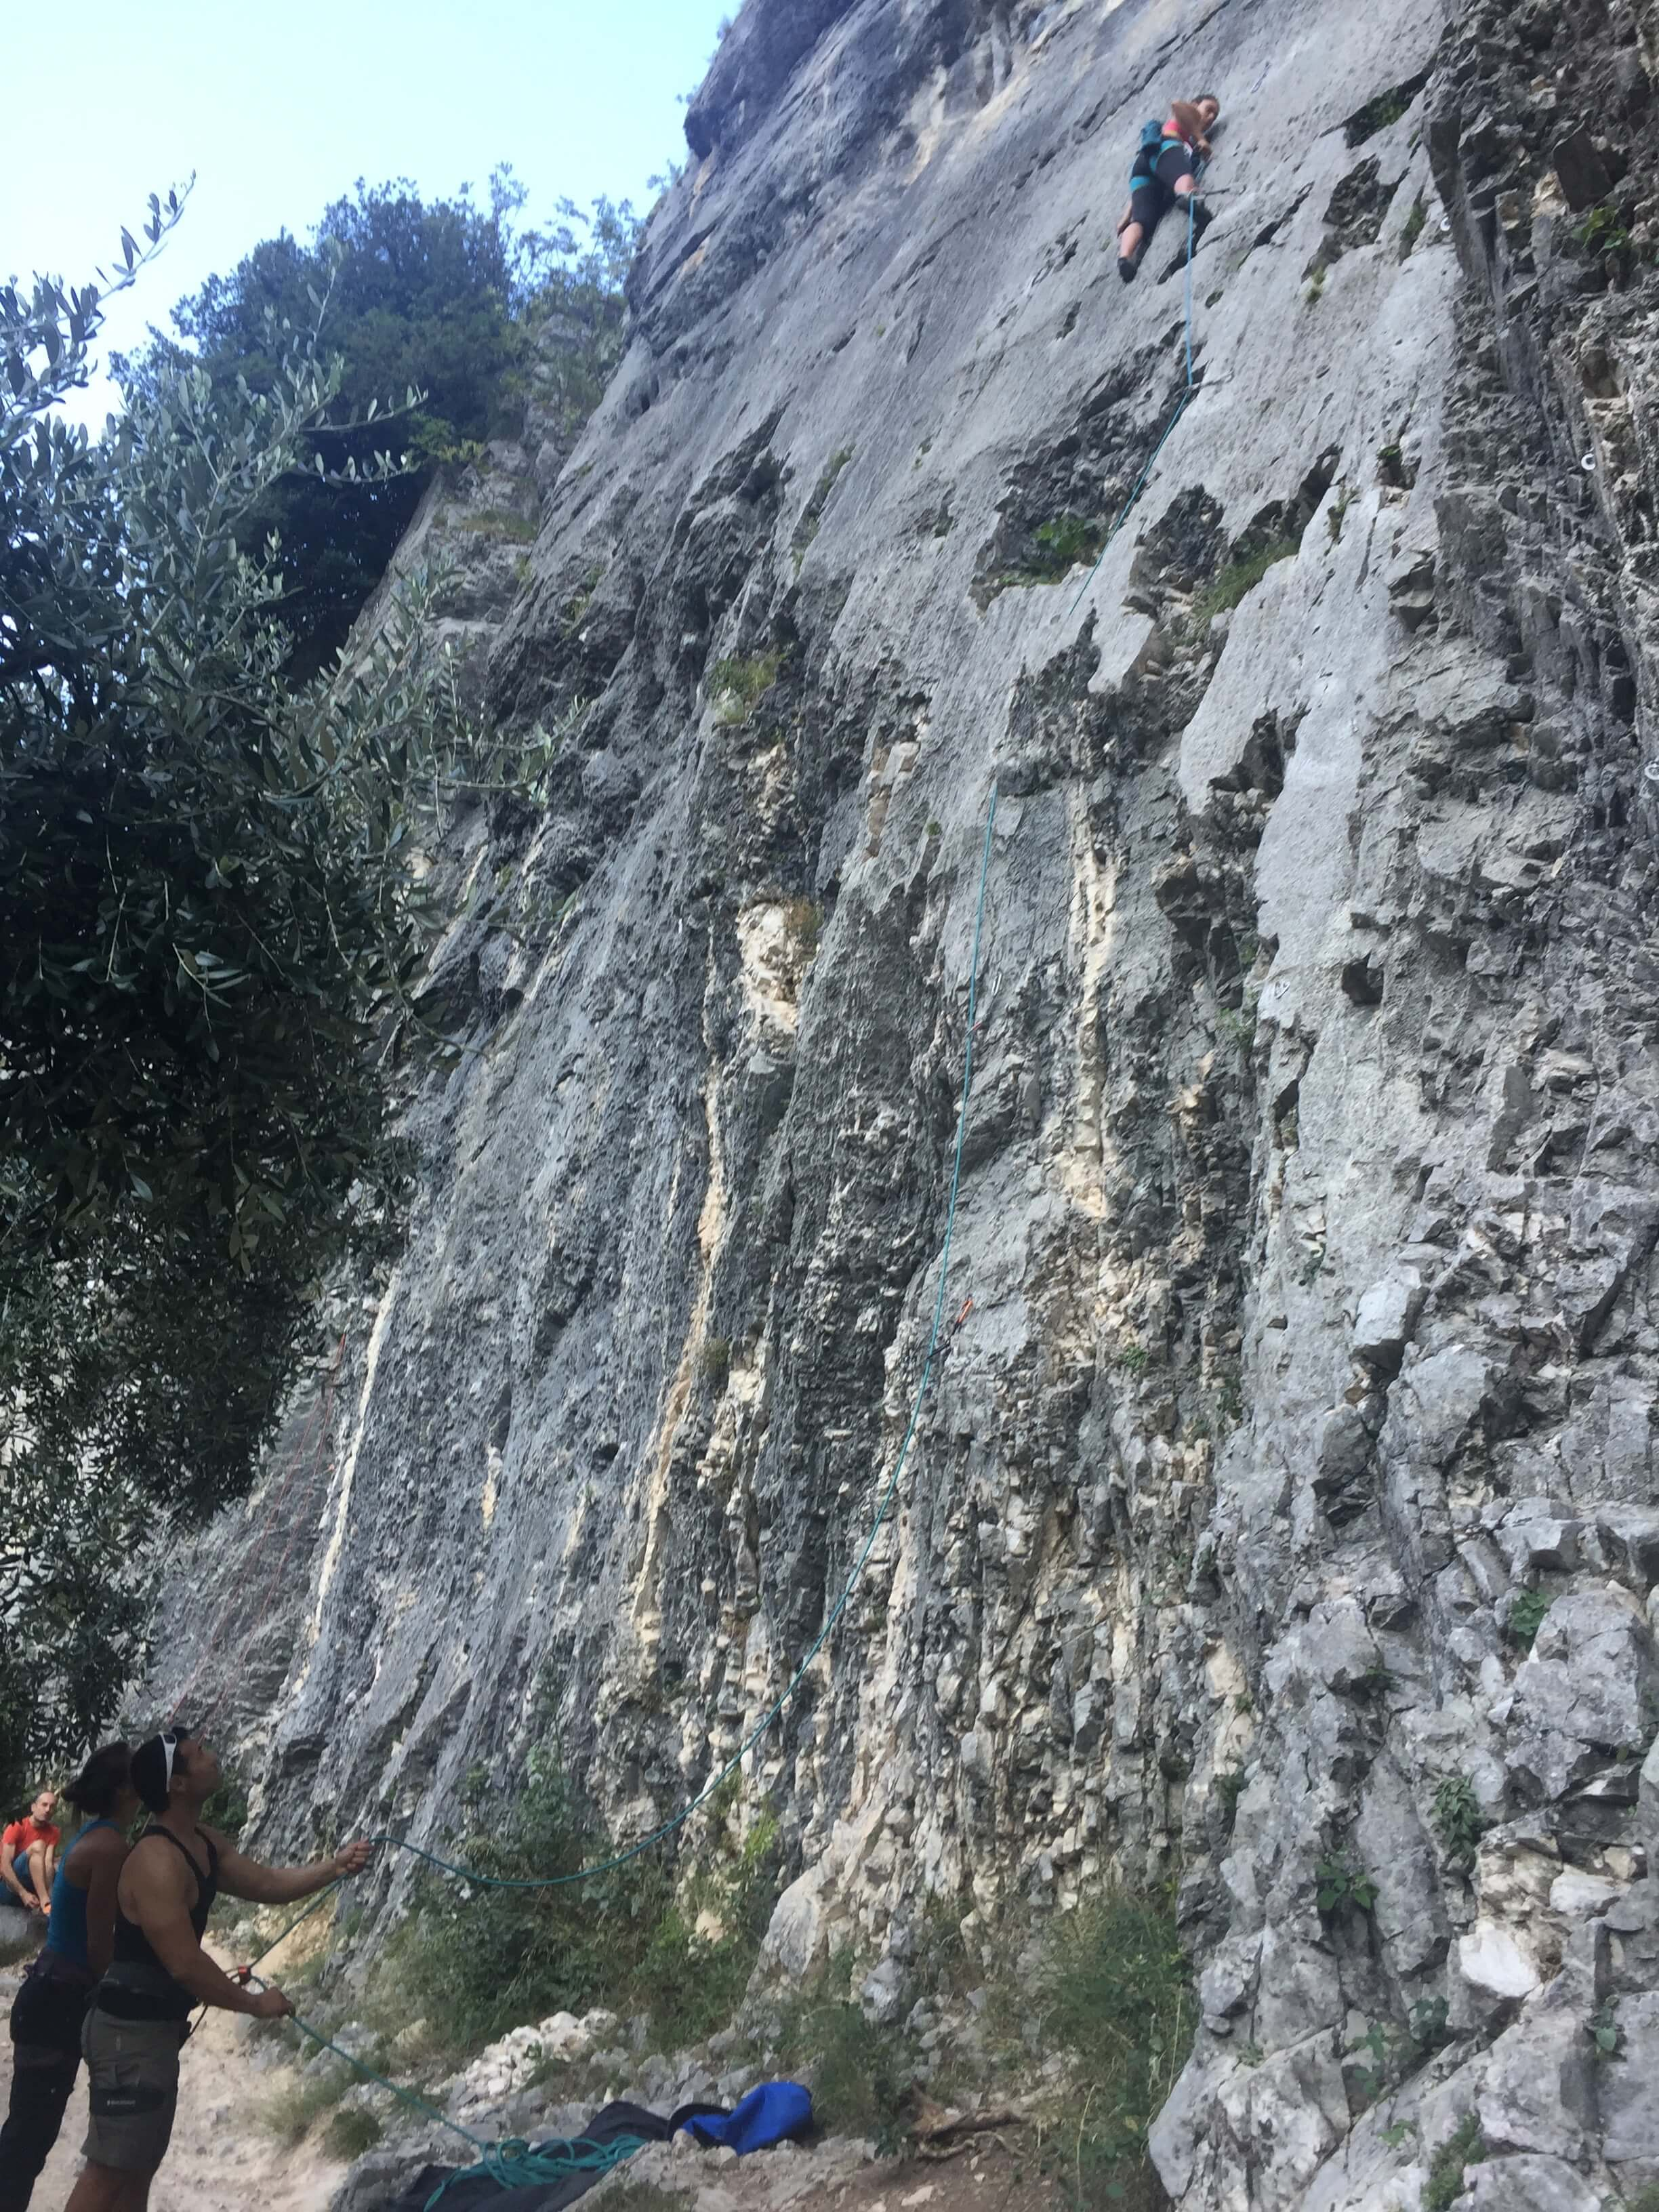 Best Climbing Spots in Europe- Arco